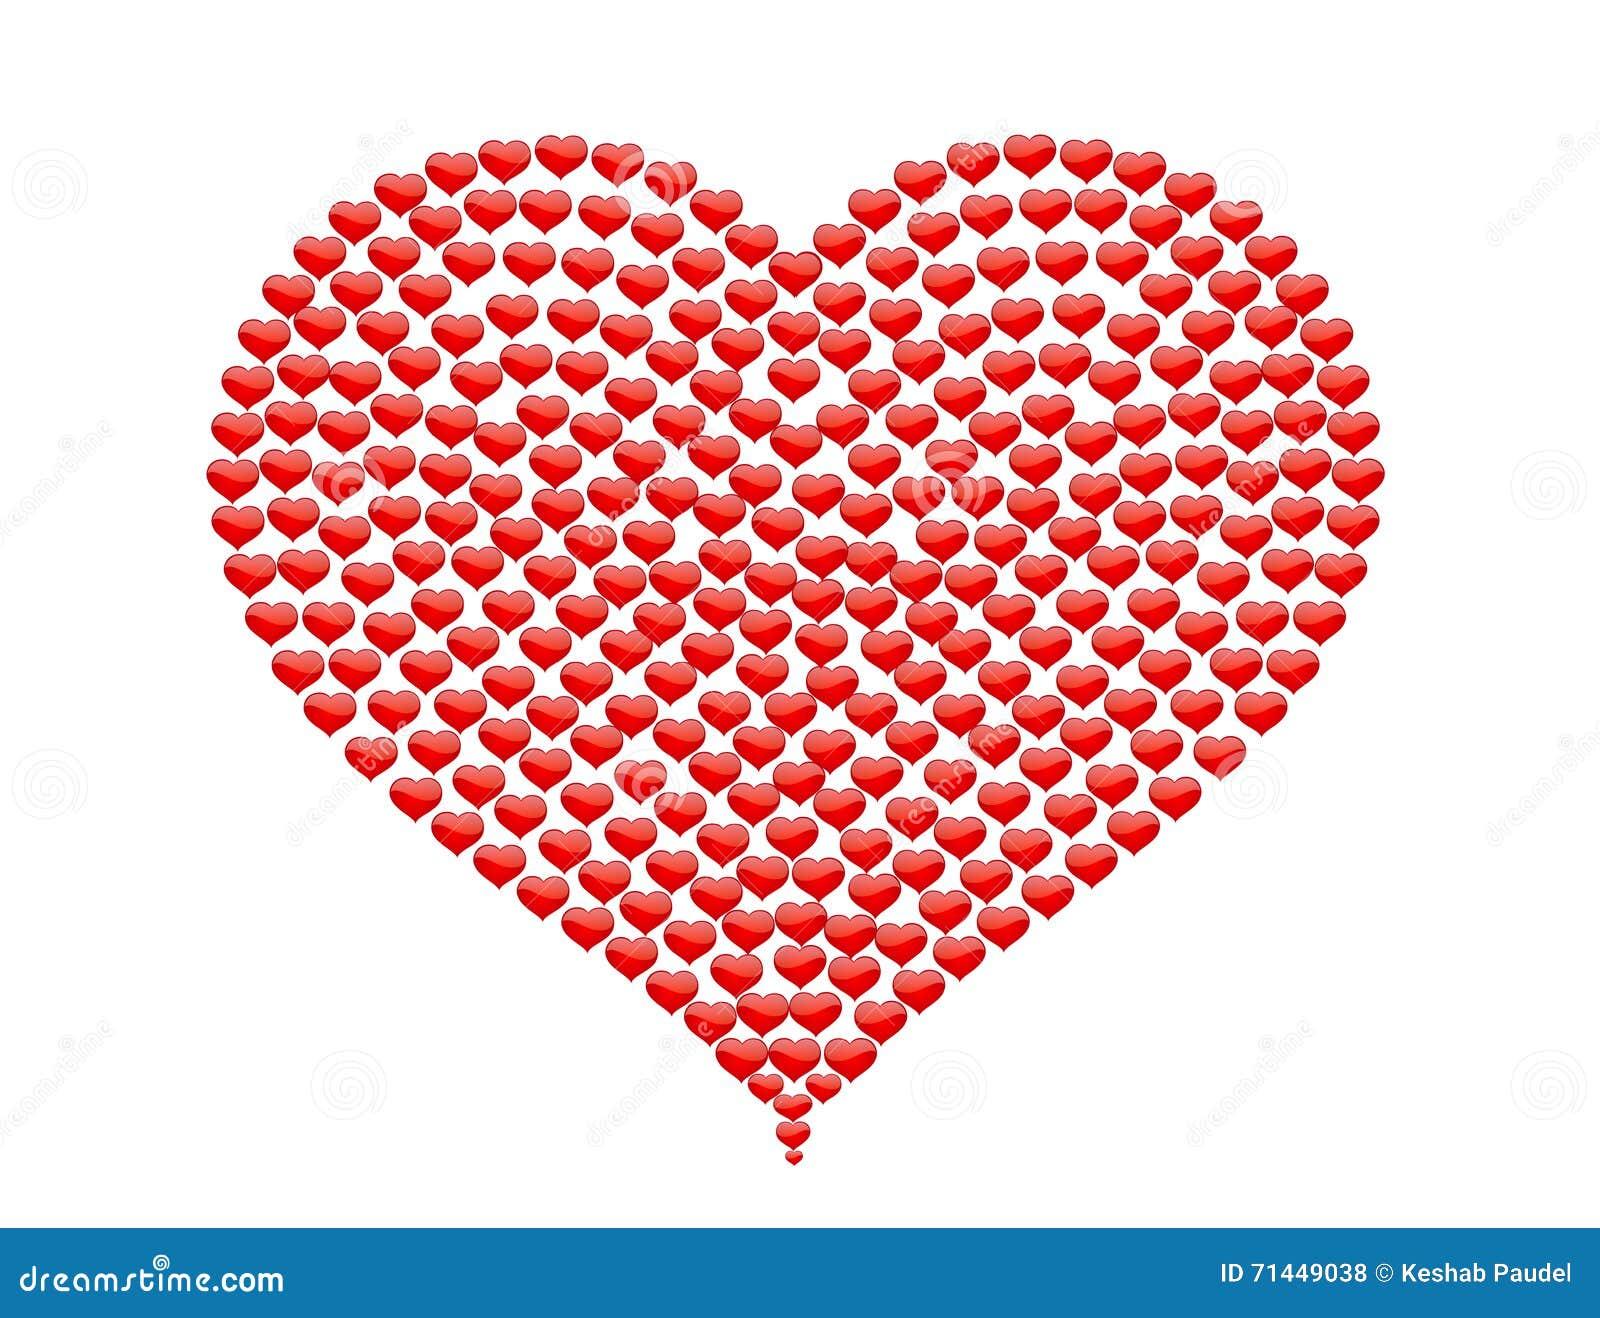 Großes Herz Gemacht Von Den Kleinen Herzen Ohne BG Stock Abbildung ...